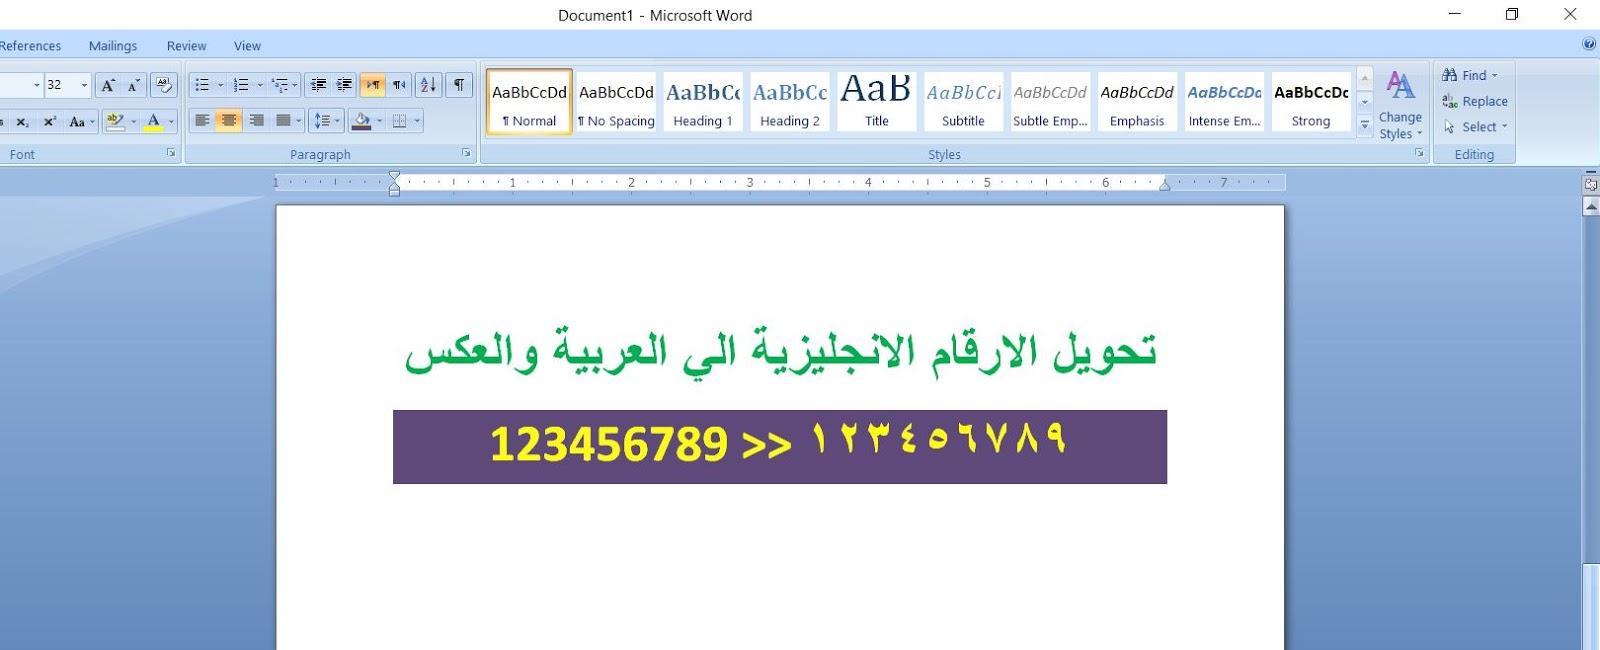 كيفية-تحويل-الارقام-من-الانجليزية-الي-العربية-في-الوورد-Word